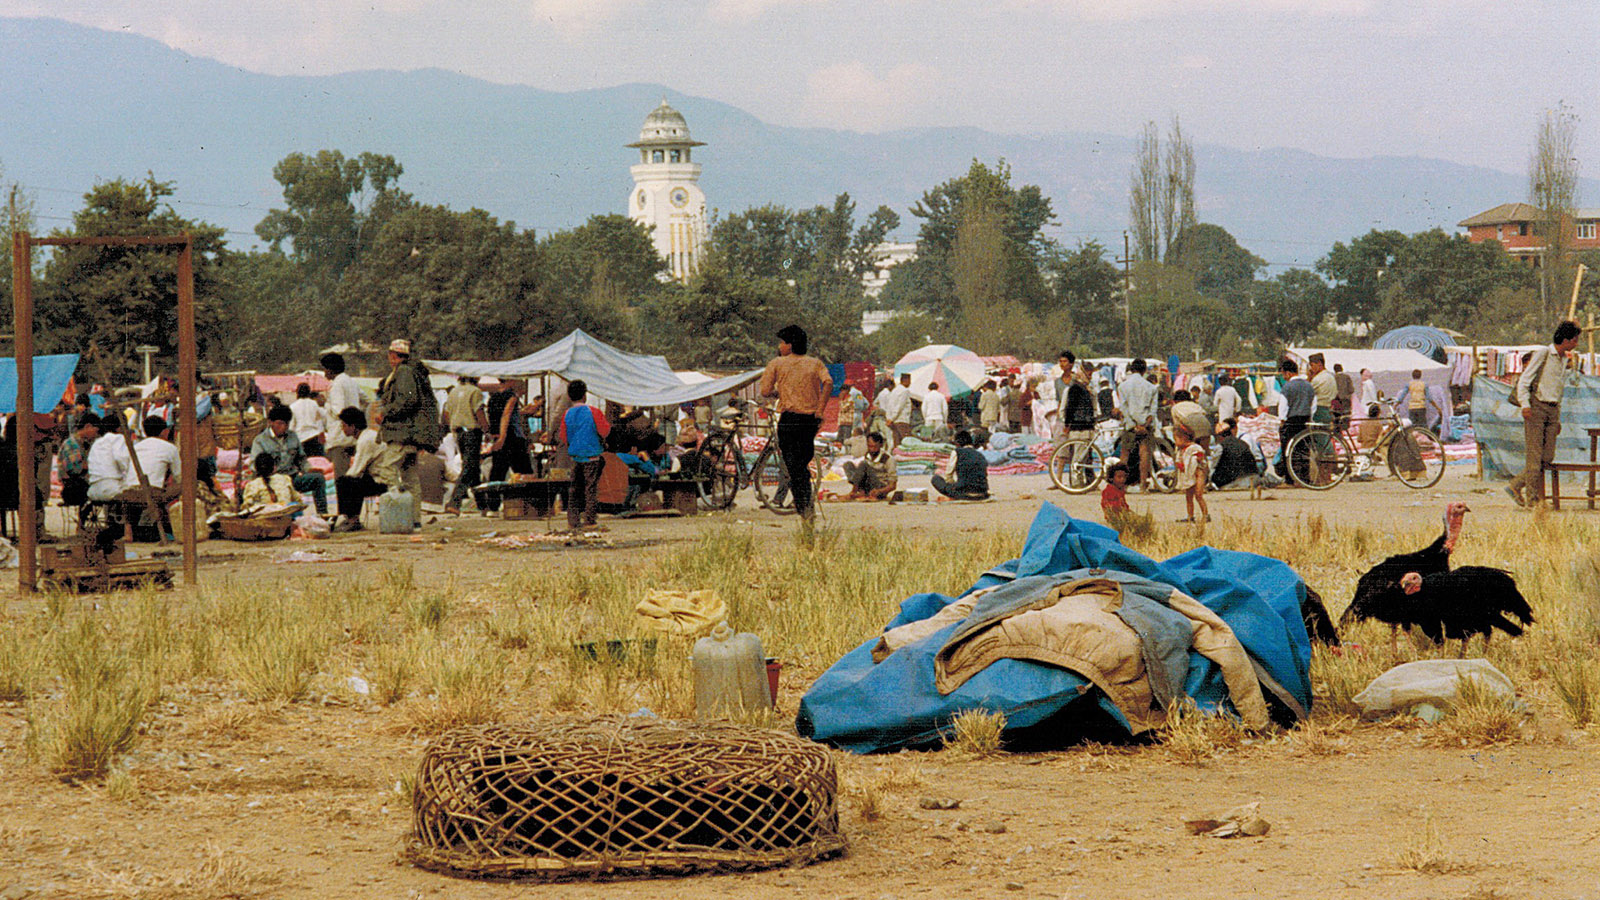 Nepal: Kathmandu im November 1991 war noch sehr ländlich... Foto: Hilke Maunder